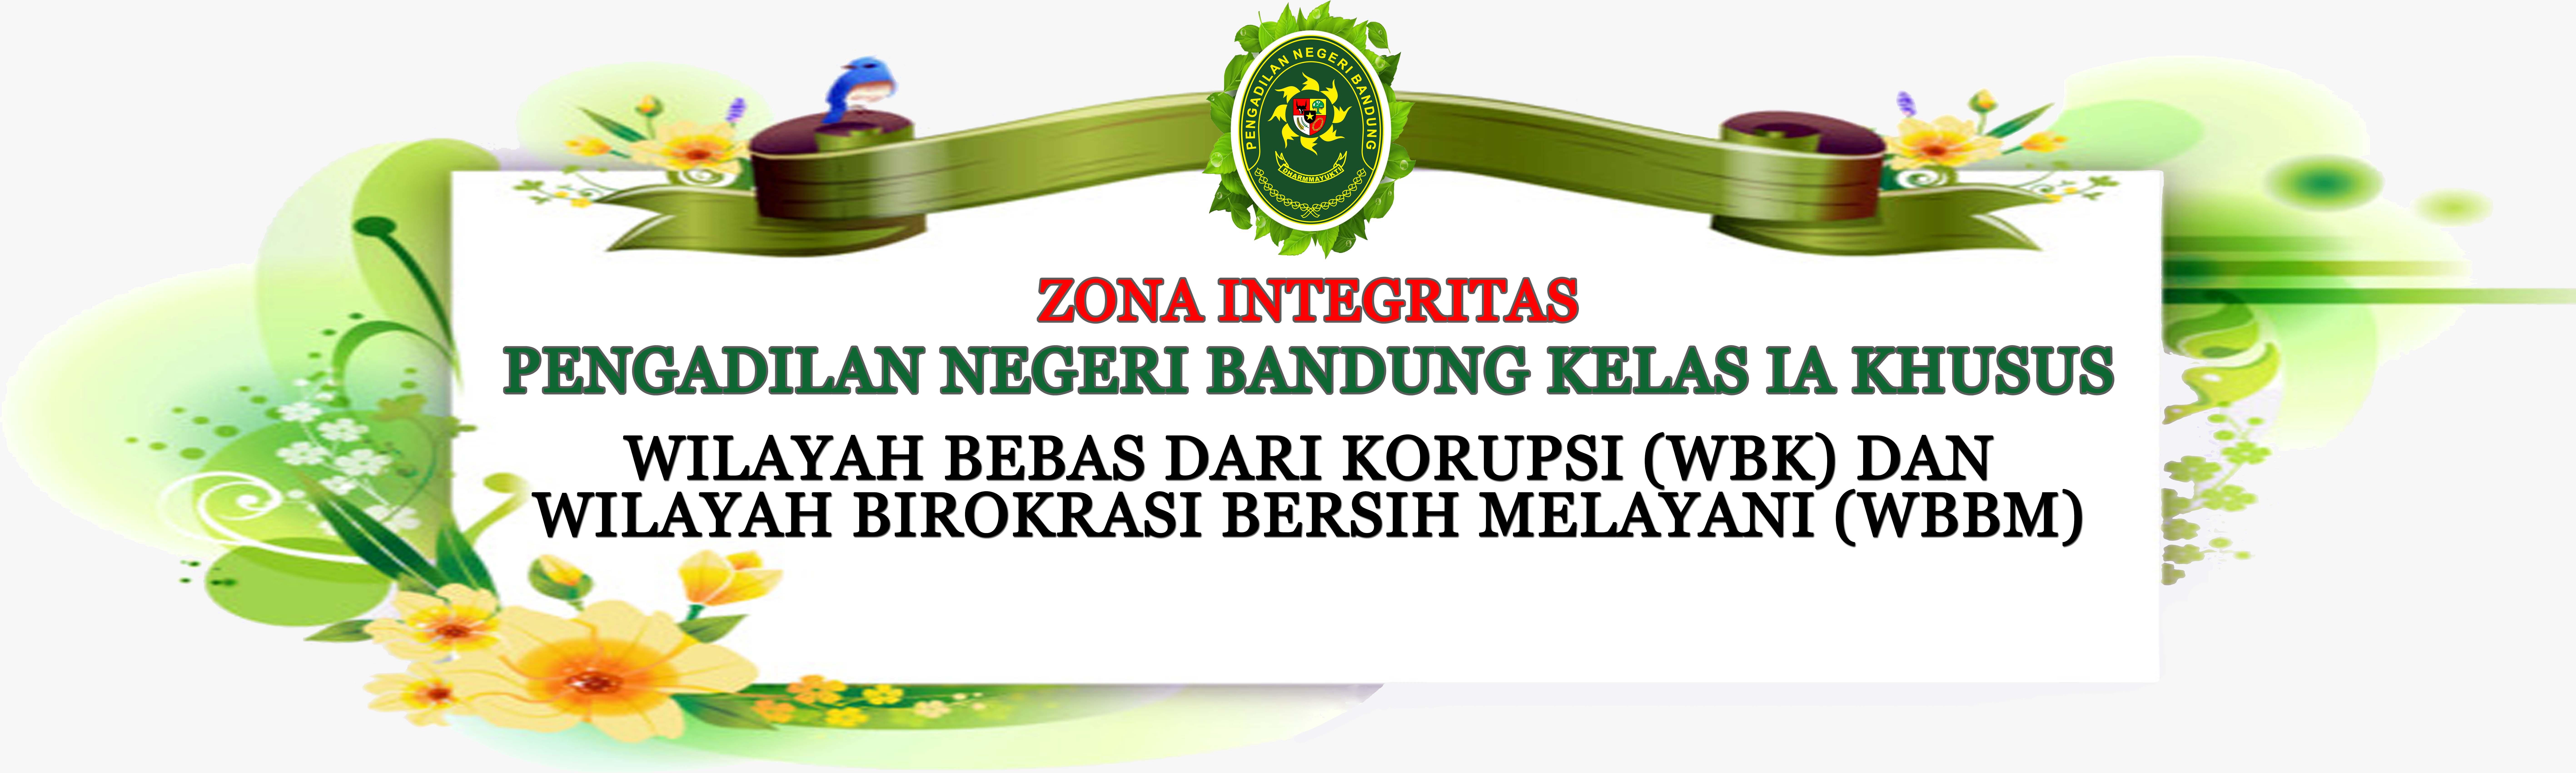 Website Pengadilan Negeri Bandung